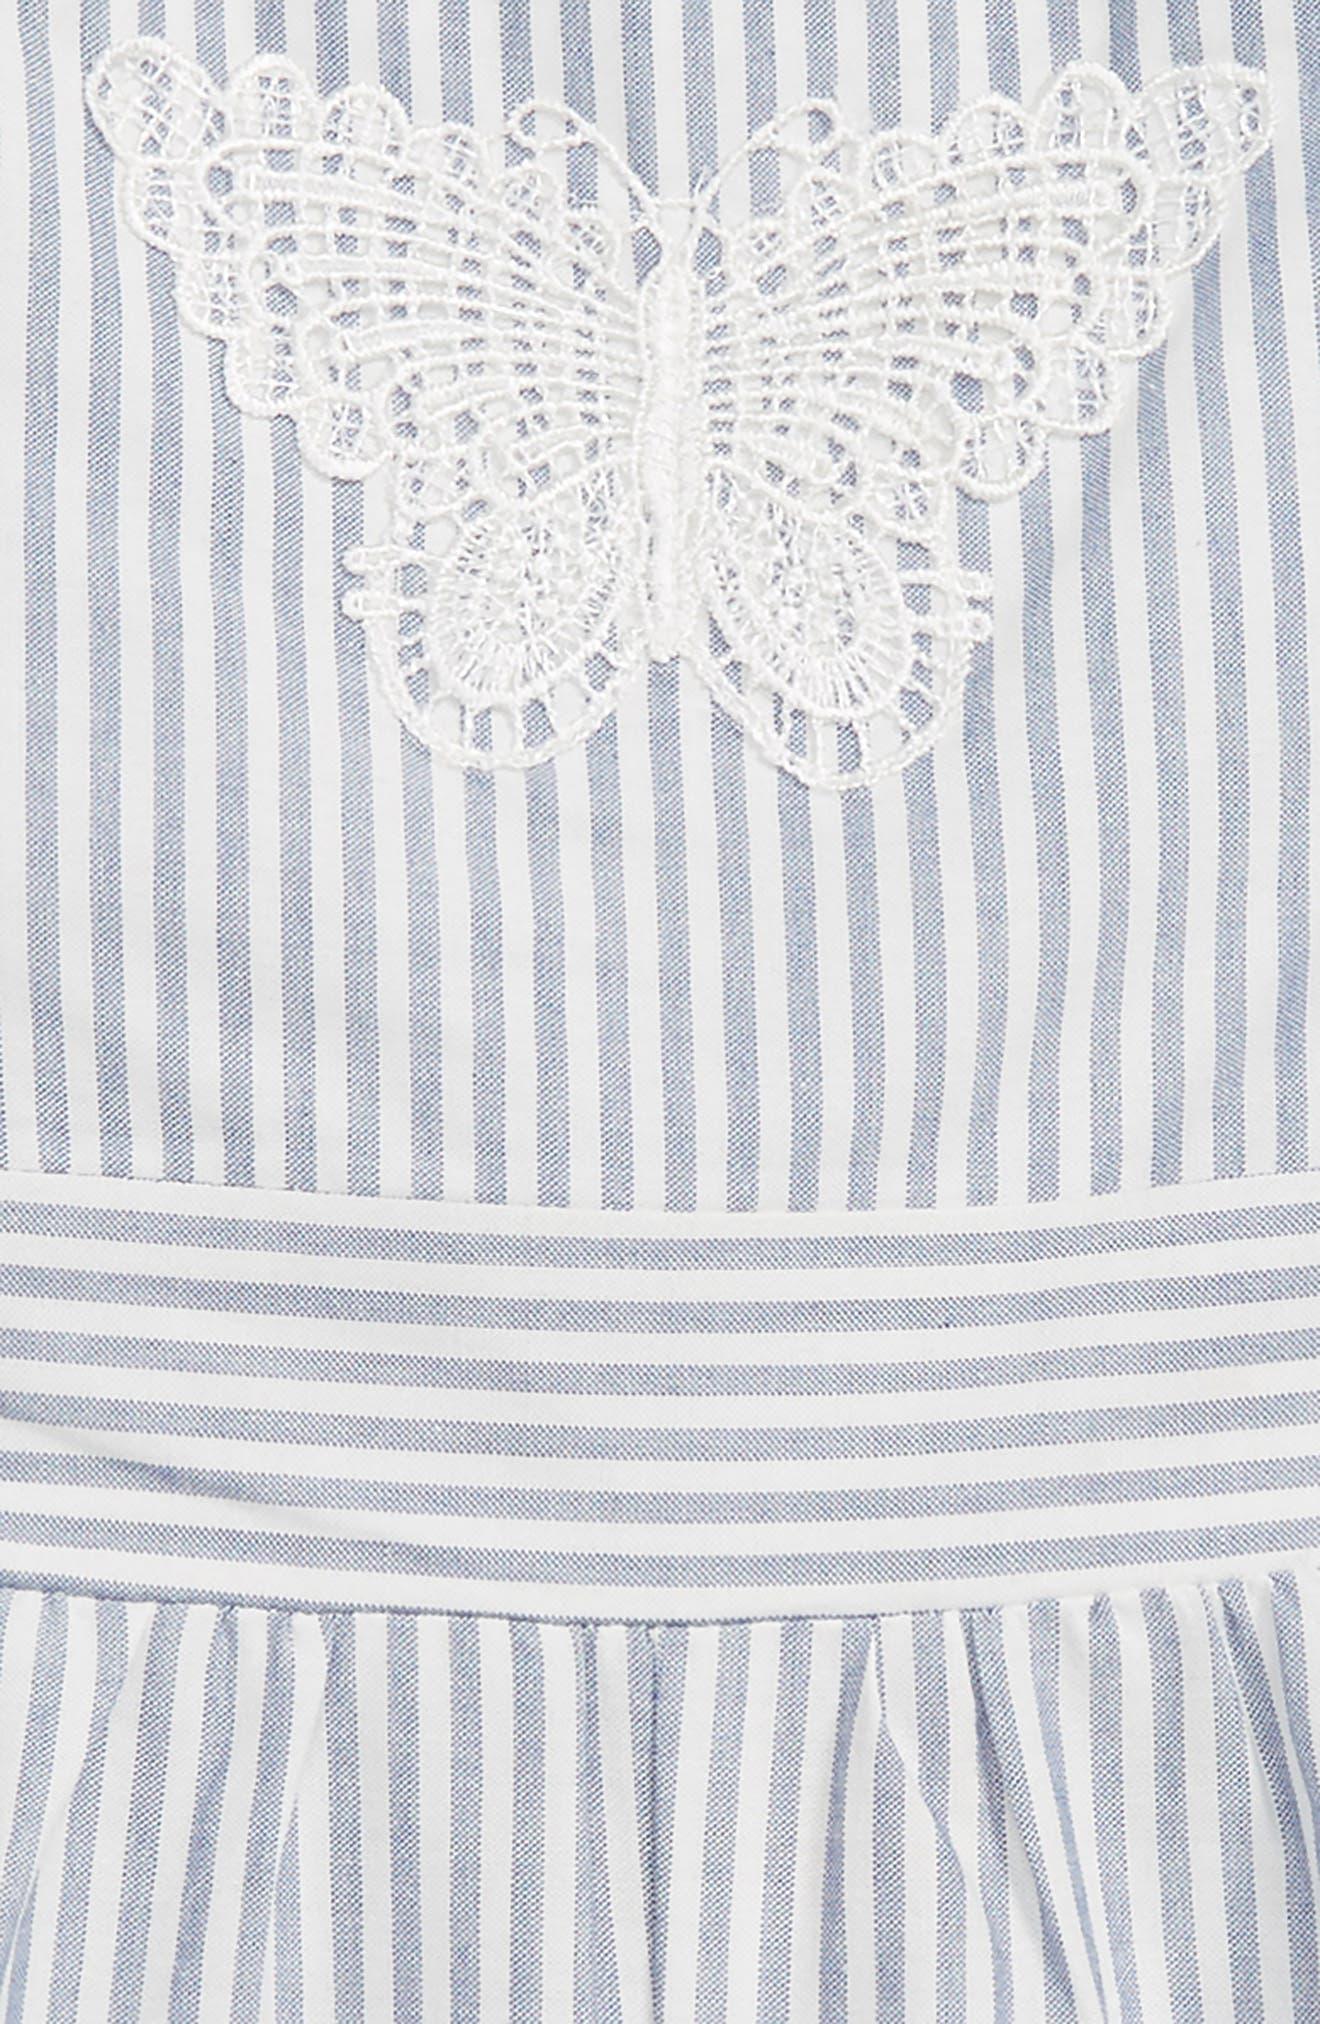 Stripe Romper,                             Alternate thumbnail 2, color,                             Blue/ White